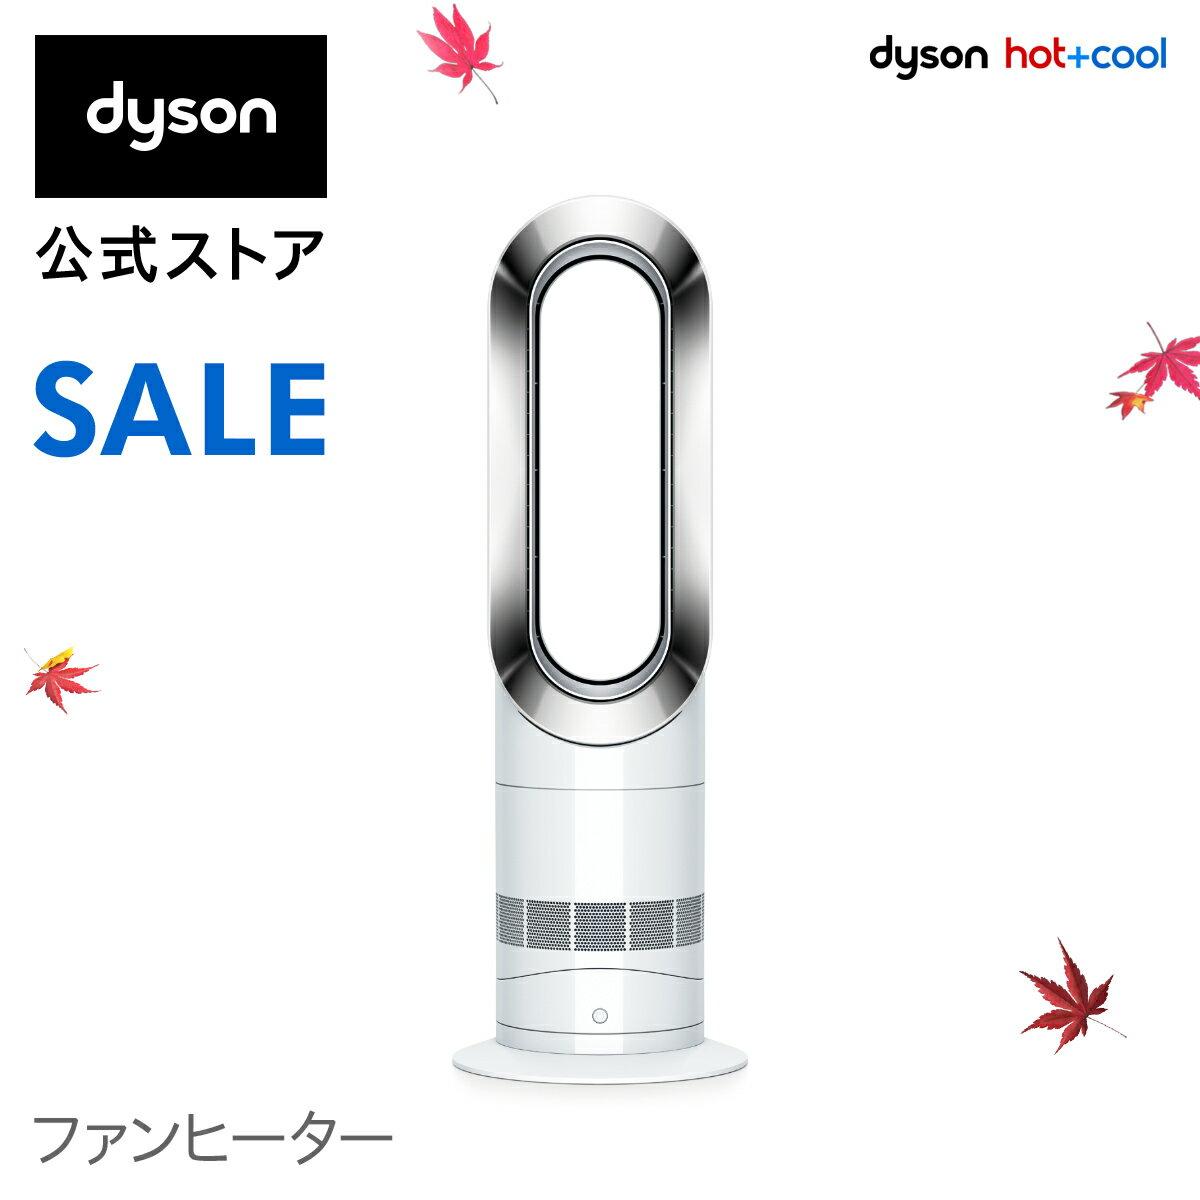 扇風機・サーキュレーター, 扇風機 29 00:00-30 11:59 Dyson HotCool AM09WN